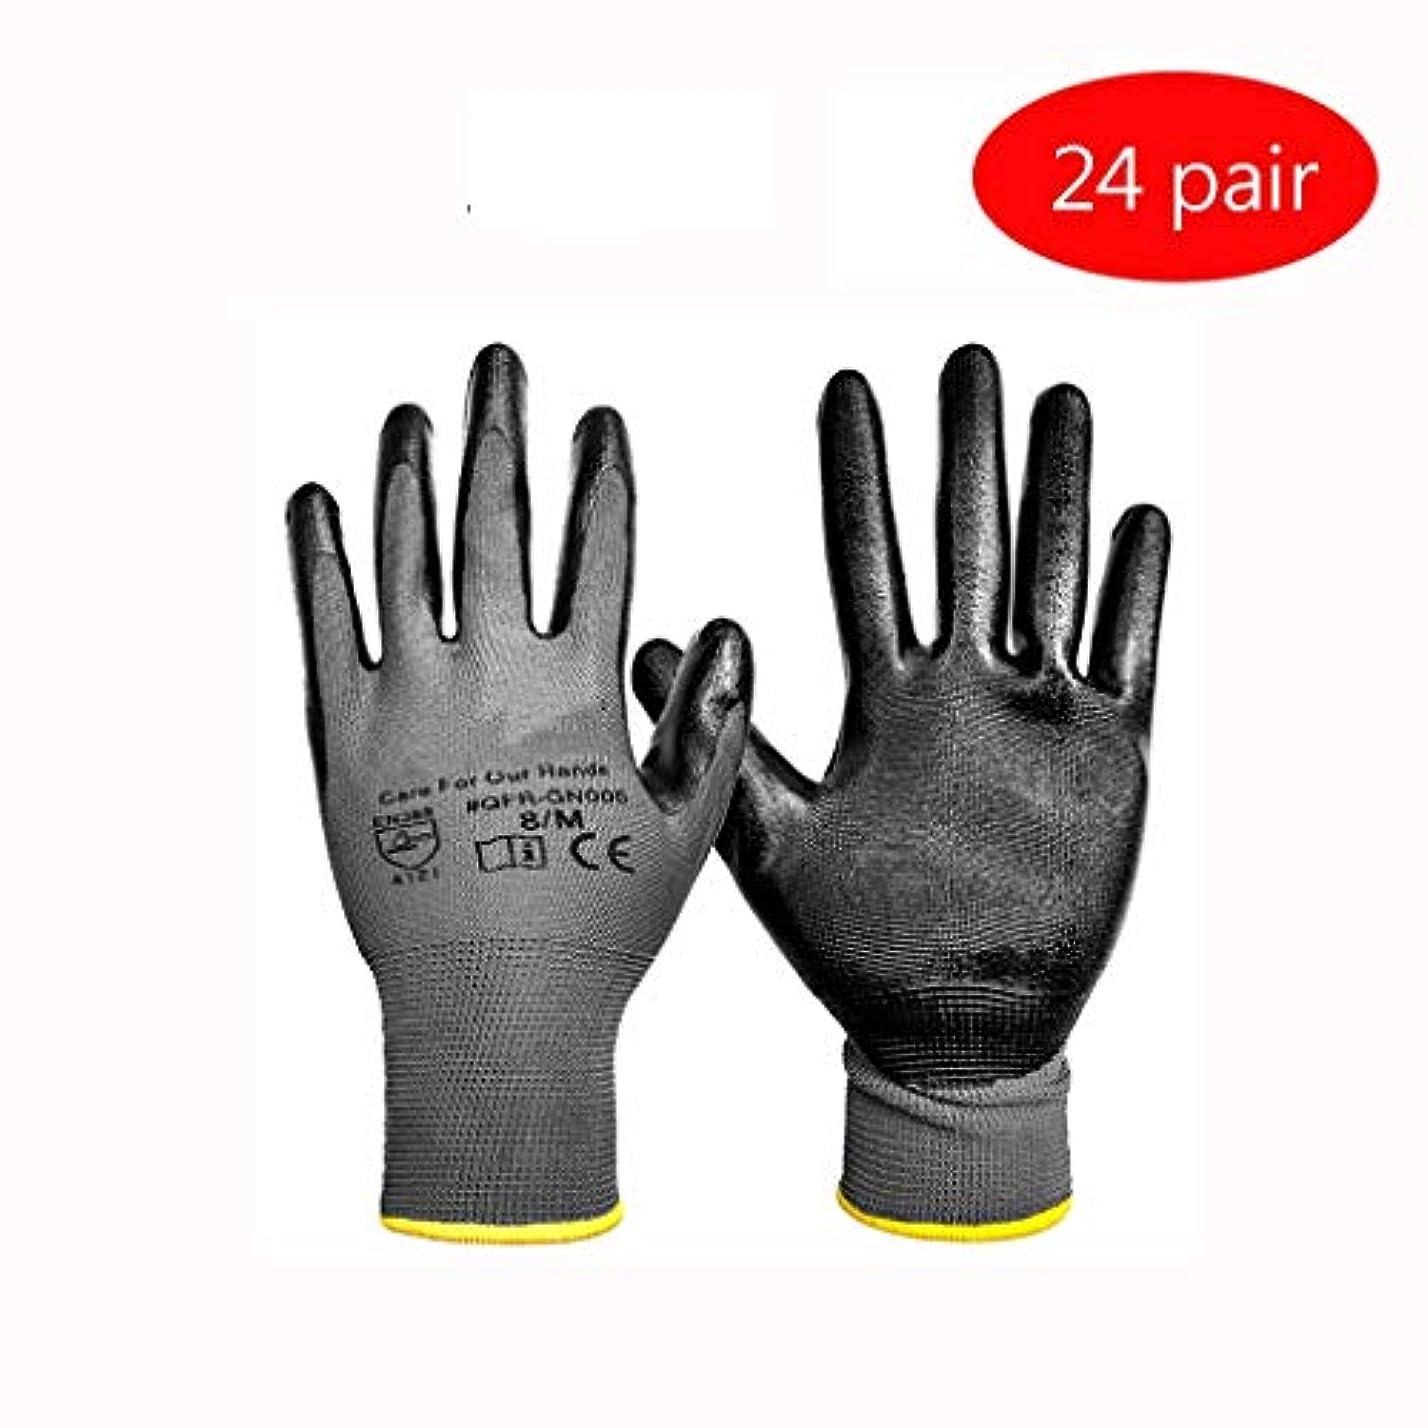 あたたかい背が高いコショウLIUXIN プラスチック手袋/丁ハオは、手のひらの労働保護手袋/メンテナンス整備士オイルプルーフ滑り止め手袋/サイトハンドリング着用手袋/ -24を塗装 ゴム手袋 (サイズ さいず : Xl xl)